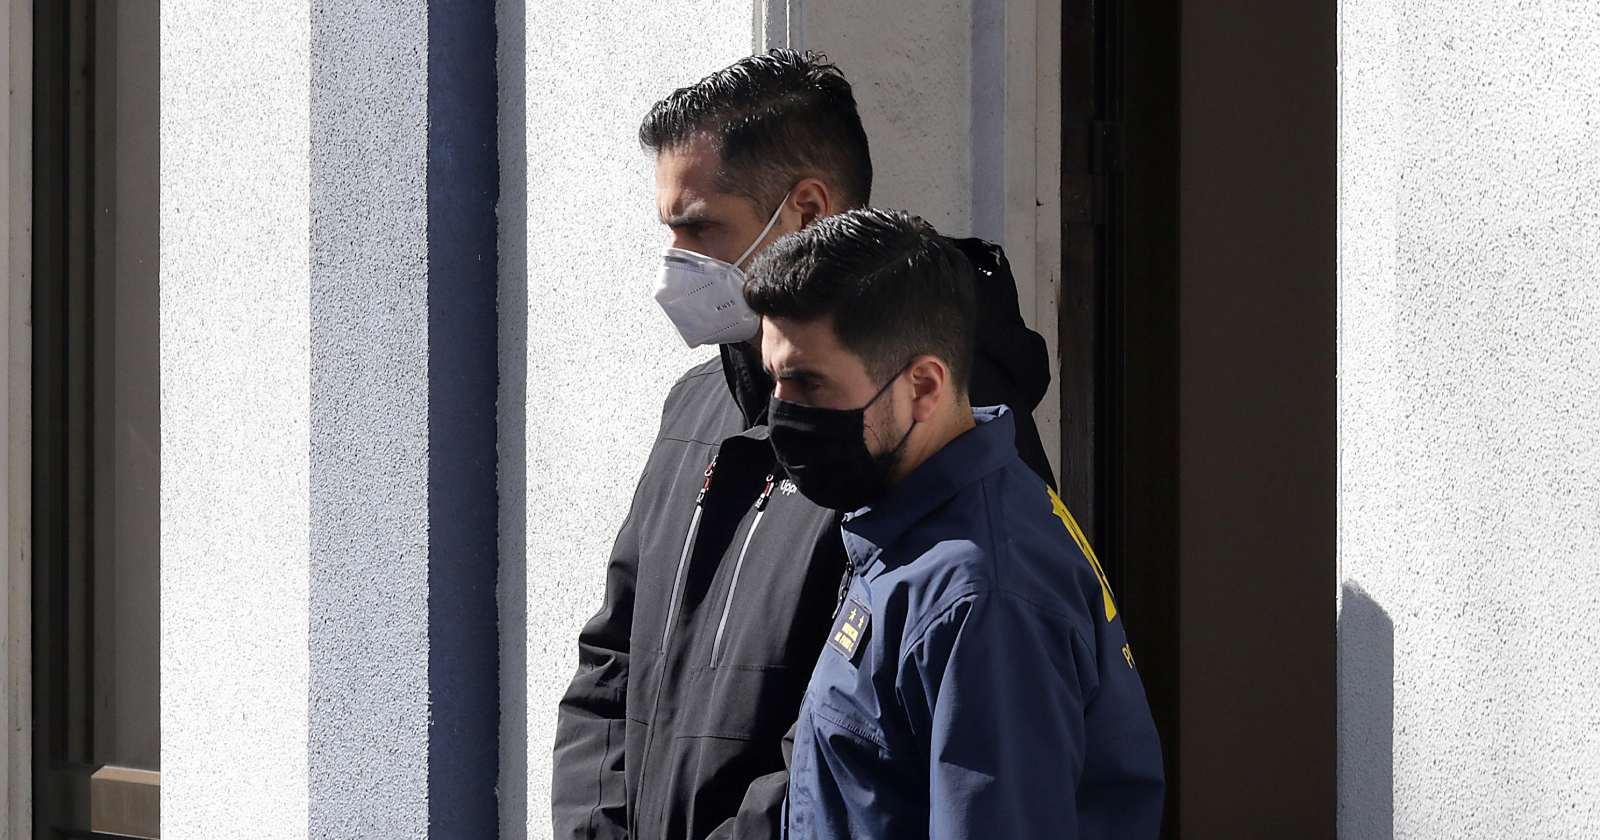 Decretan prisión preventiva para ex teniente coronel de Carabineros acusado de disparar contra Gustavo Gatica